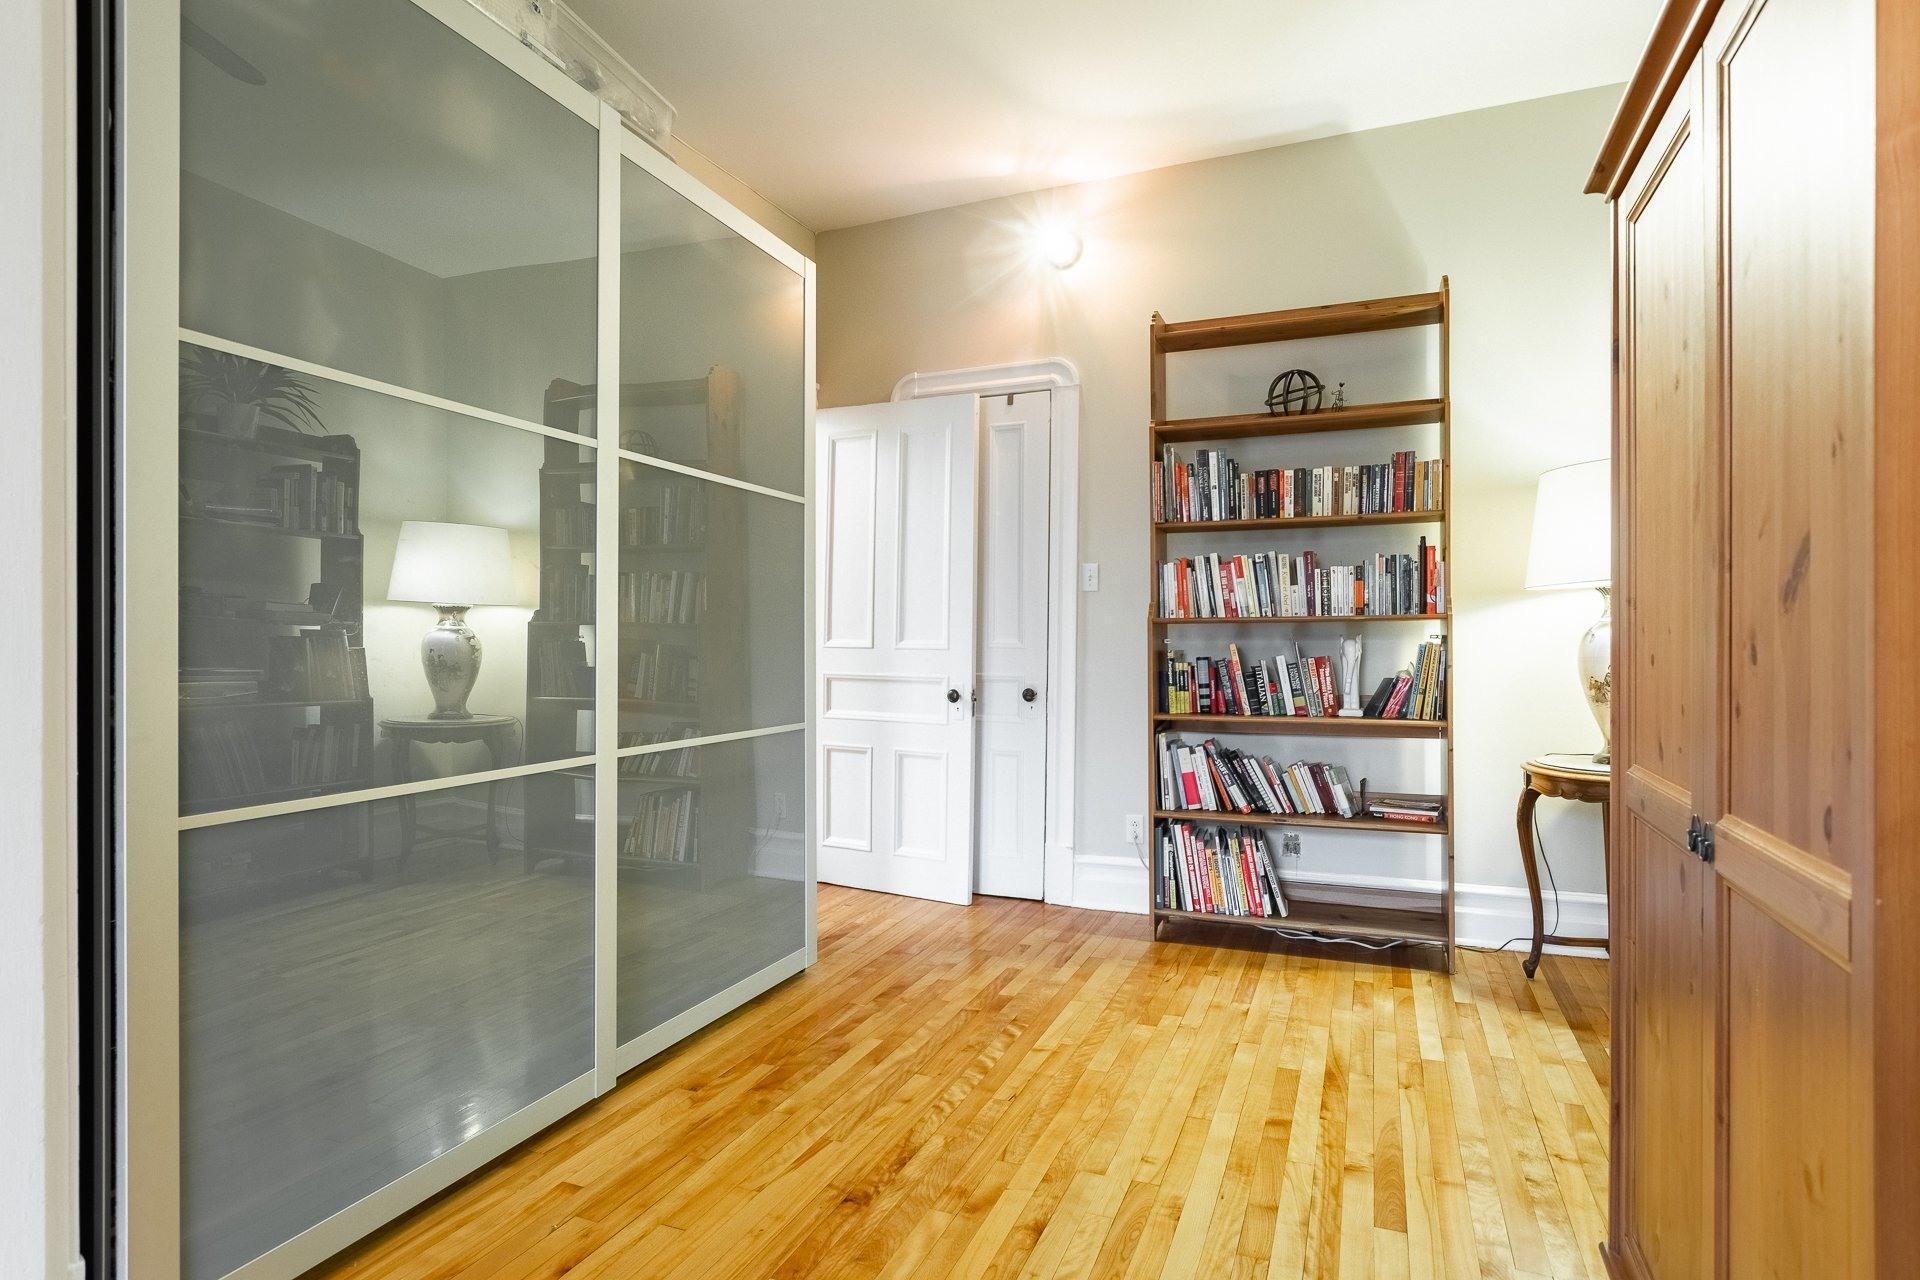 image 5 - Appartement À vendre Montréal Le Plateau-Mont-Royal  - 7 pièces